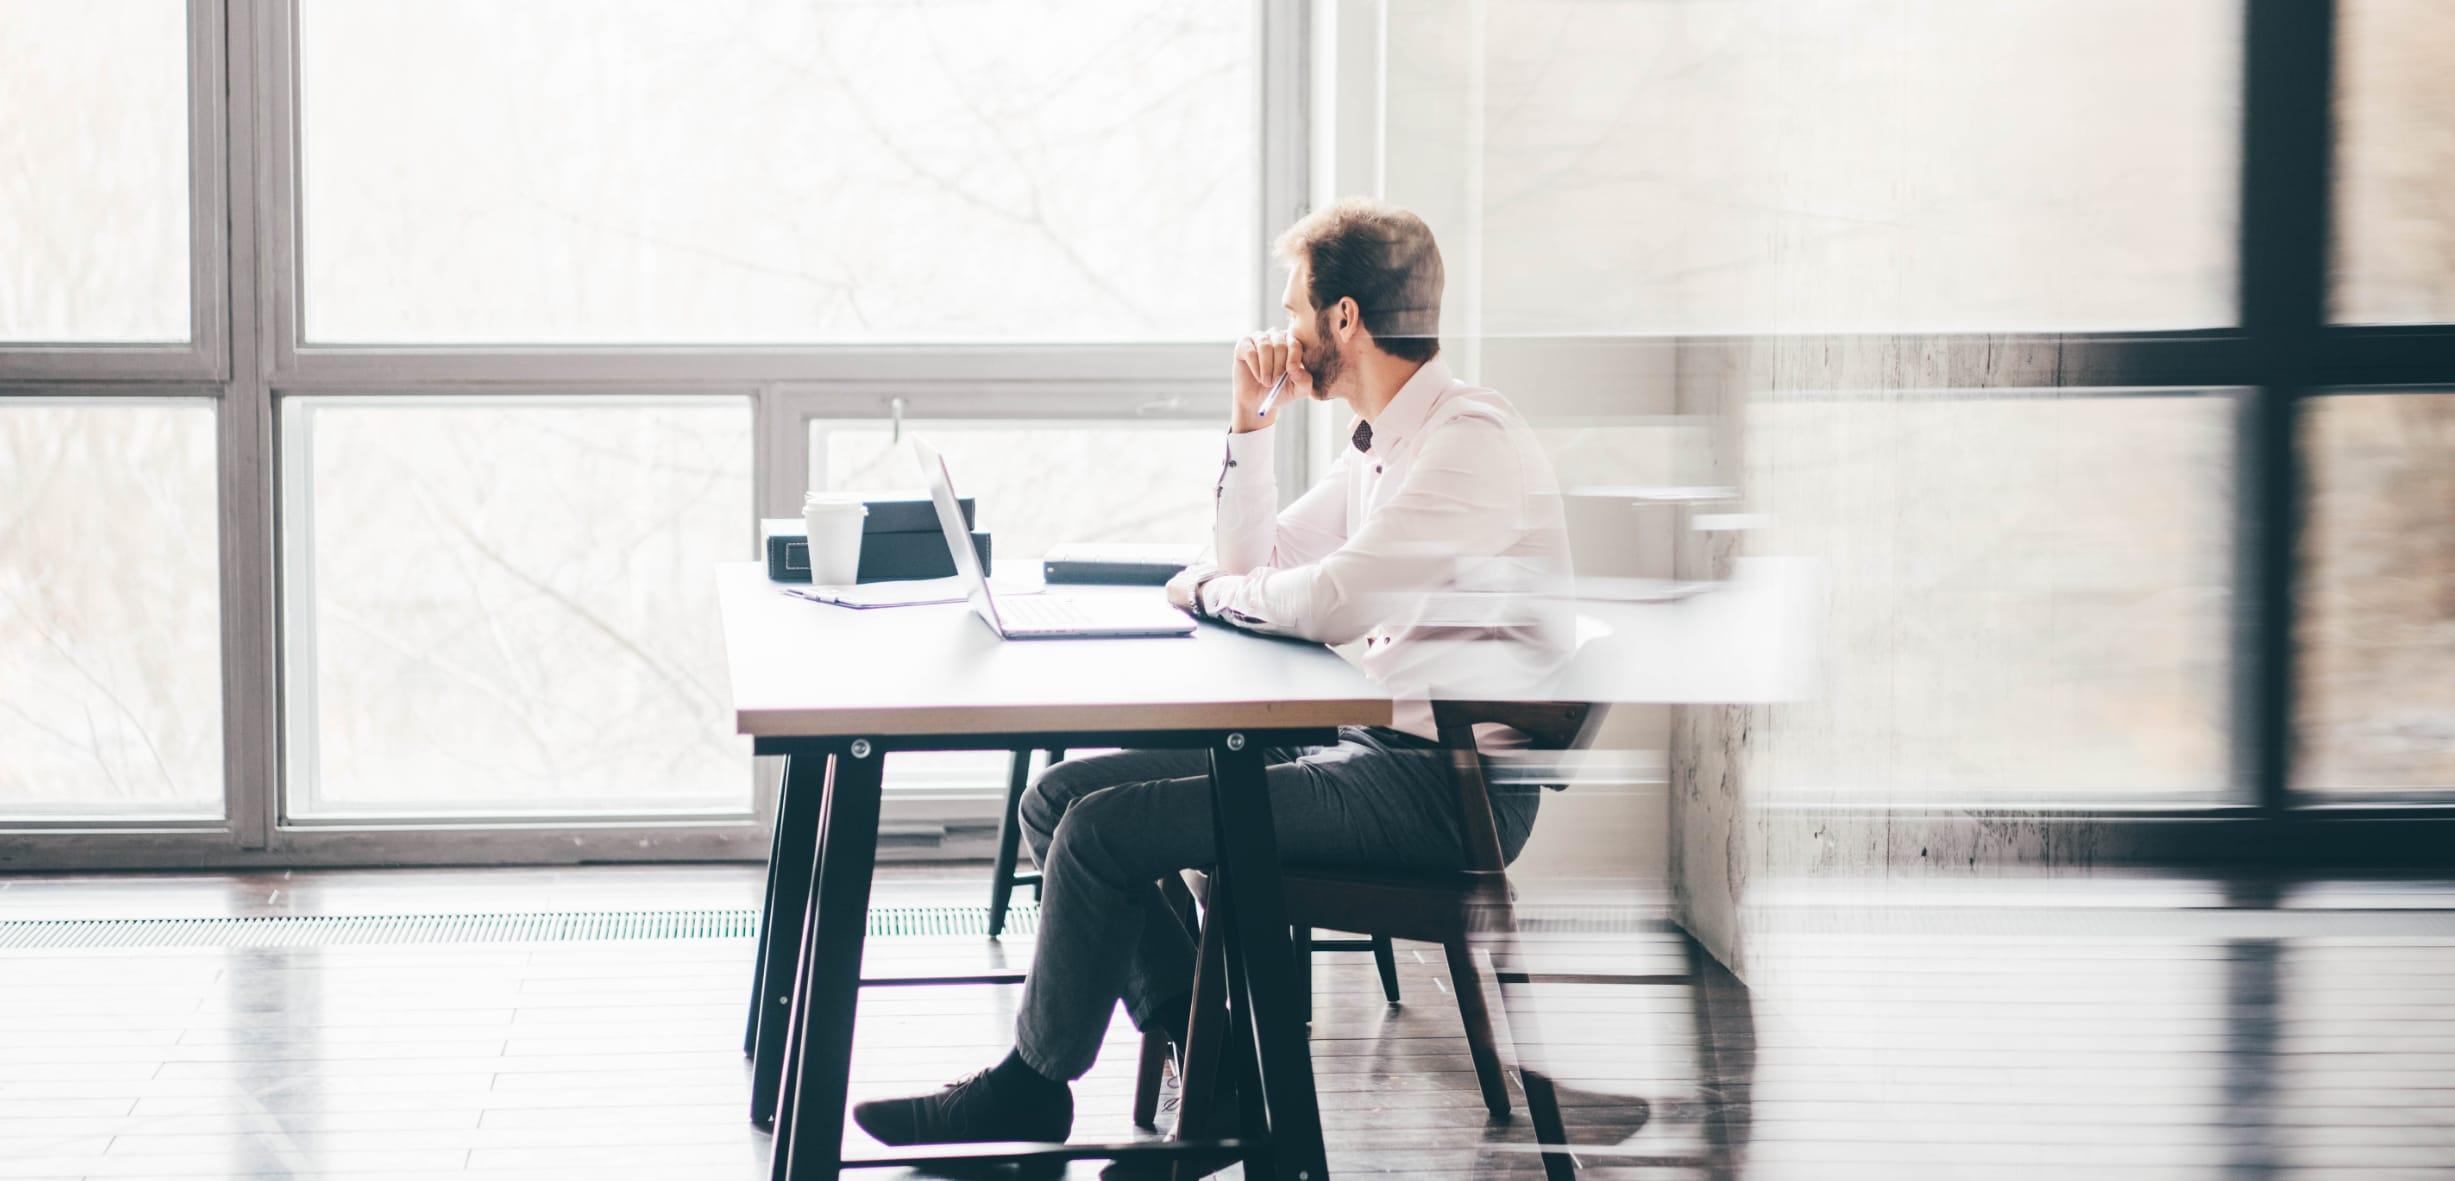 Man staart naar buiten met een opengeklapte laptop voor zich